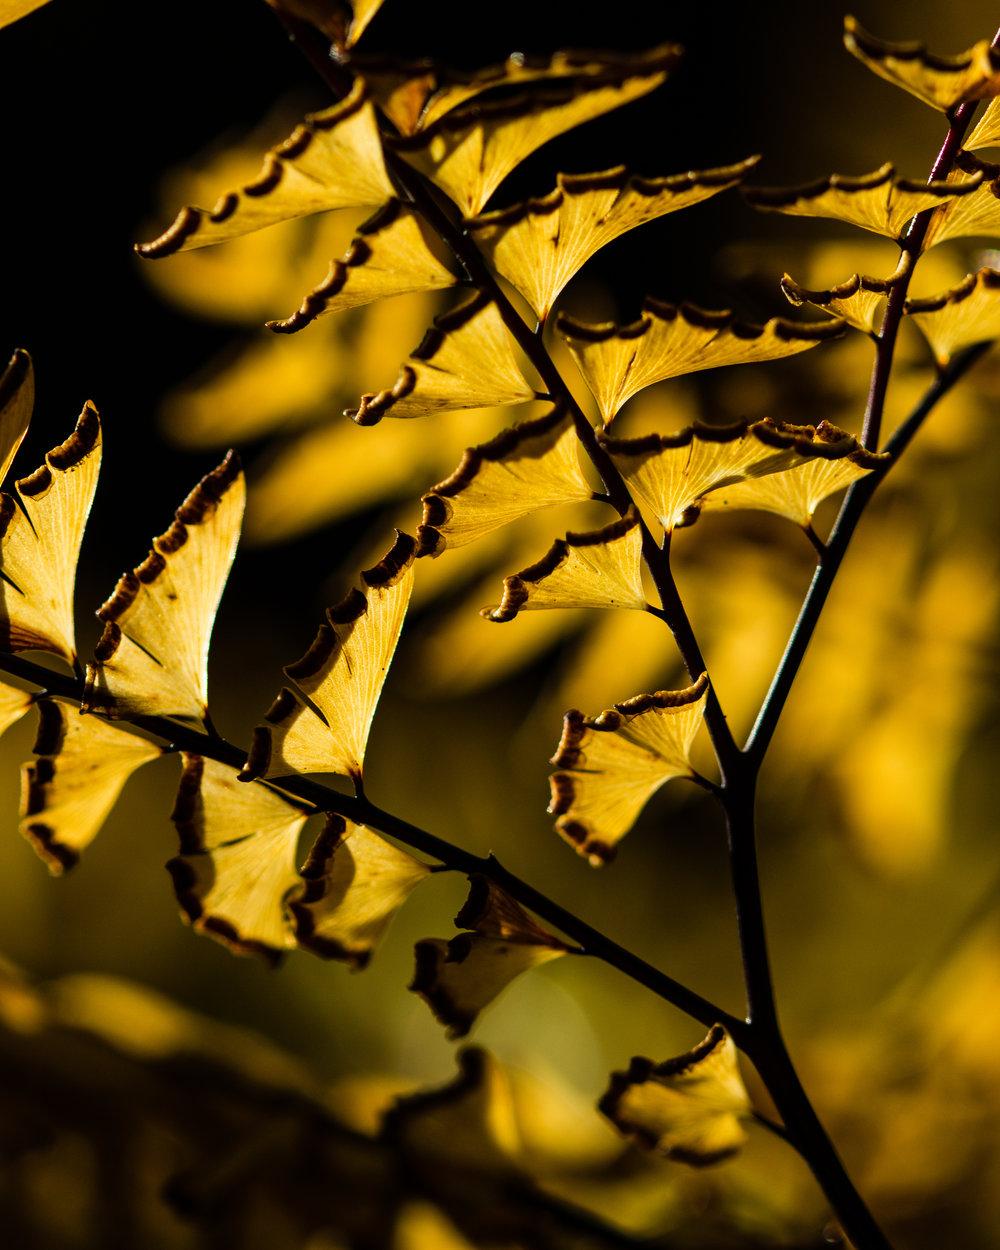 maidenhairfernbacklit.jpg